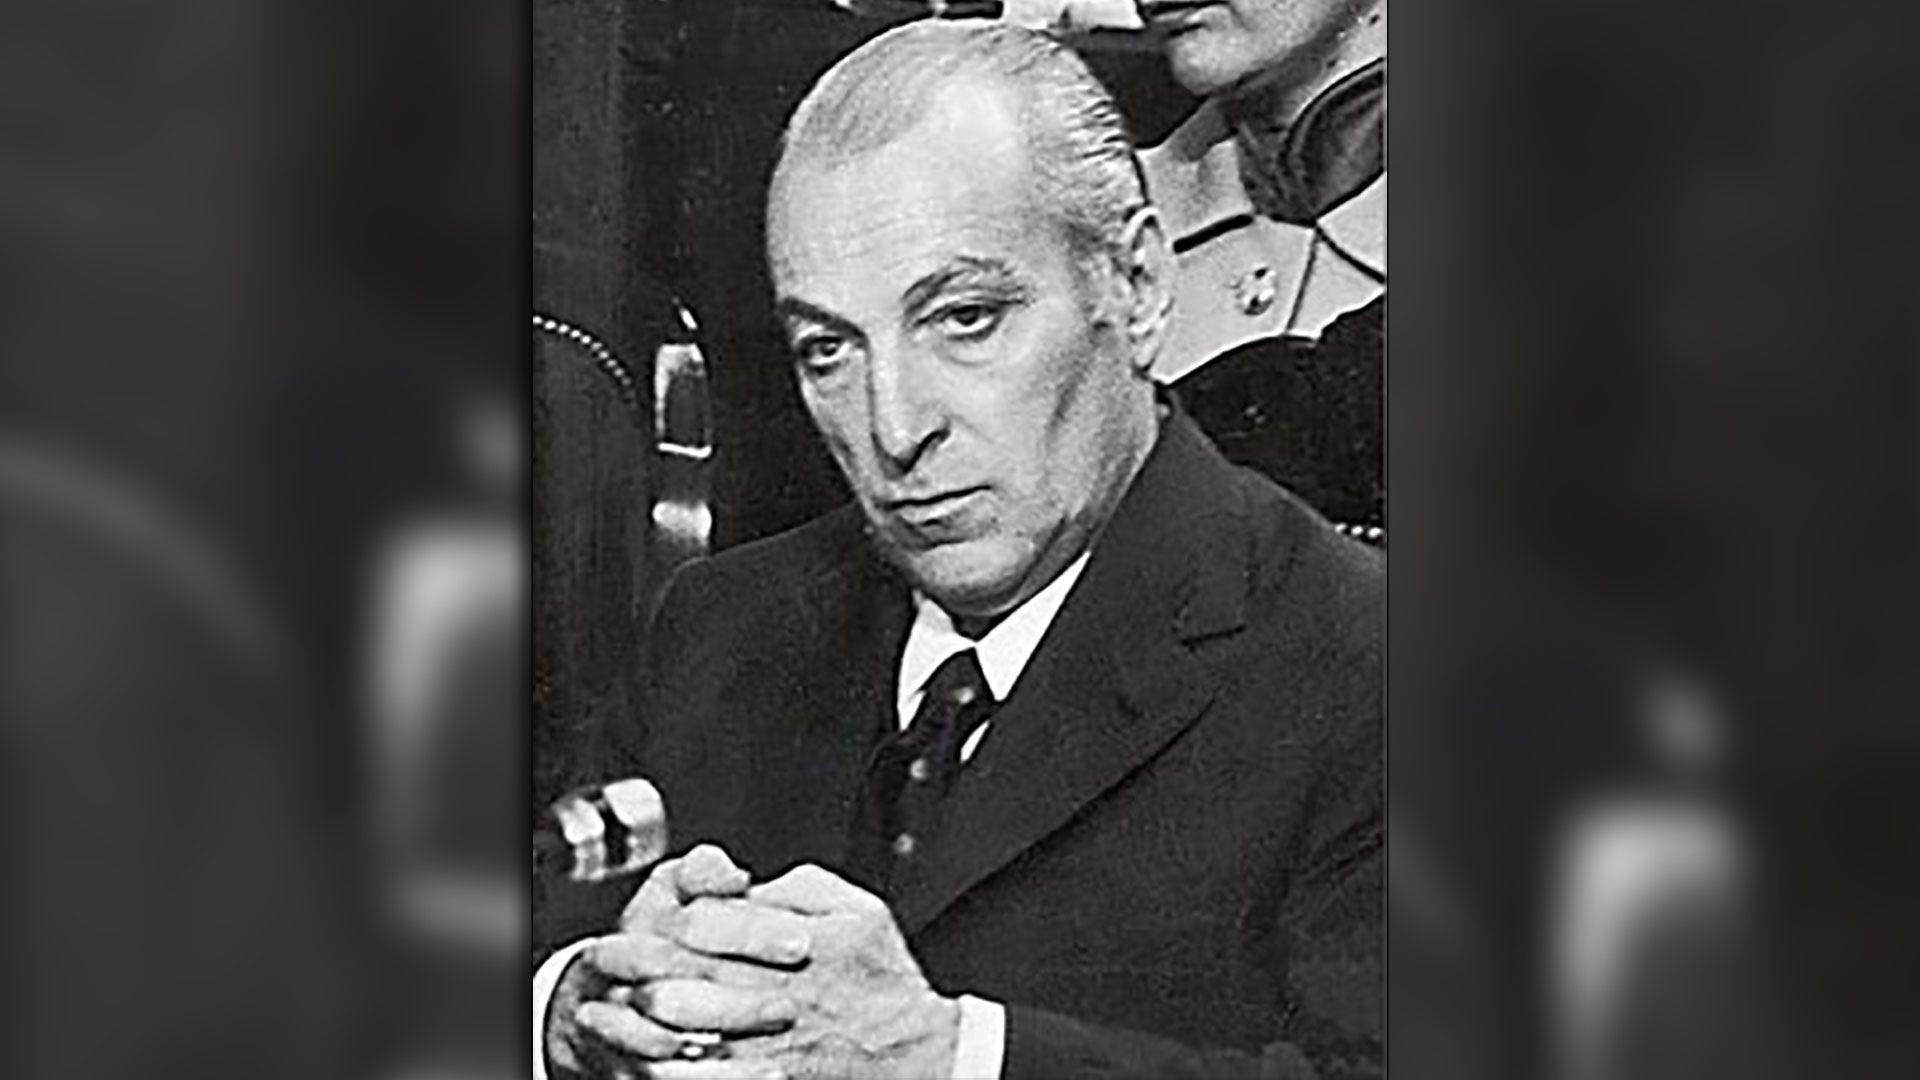 José López Rega, el Brujo, firmó el decreto en donde se pedía receta por triplicado para acceder a los anticonceptivos y se prohibía su promoción en hospitales públicos.